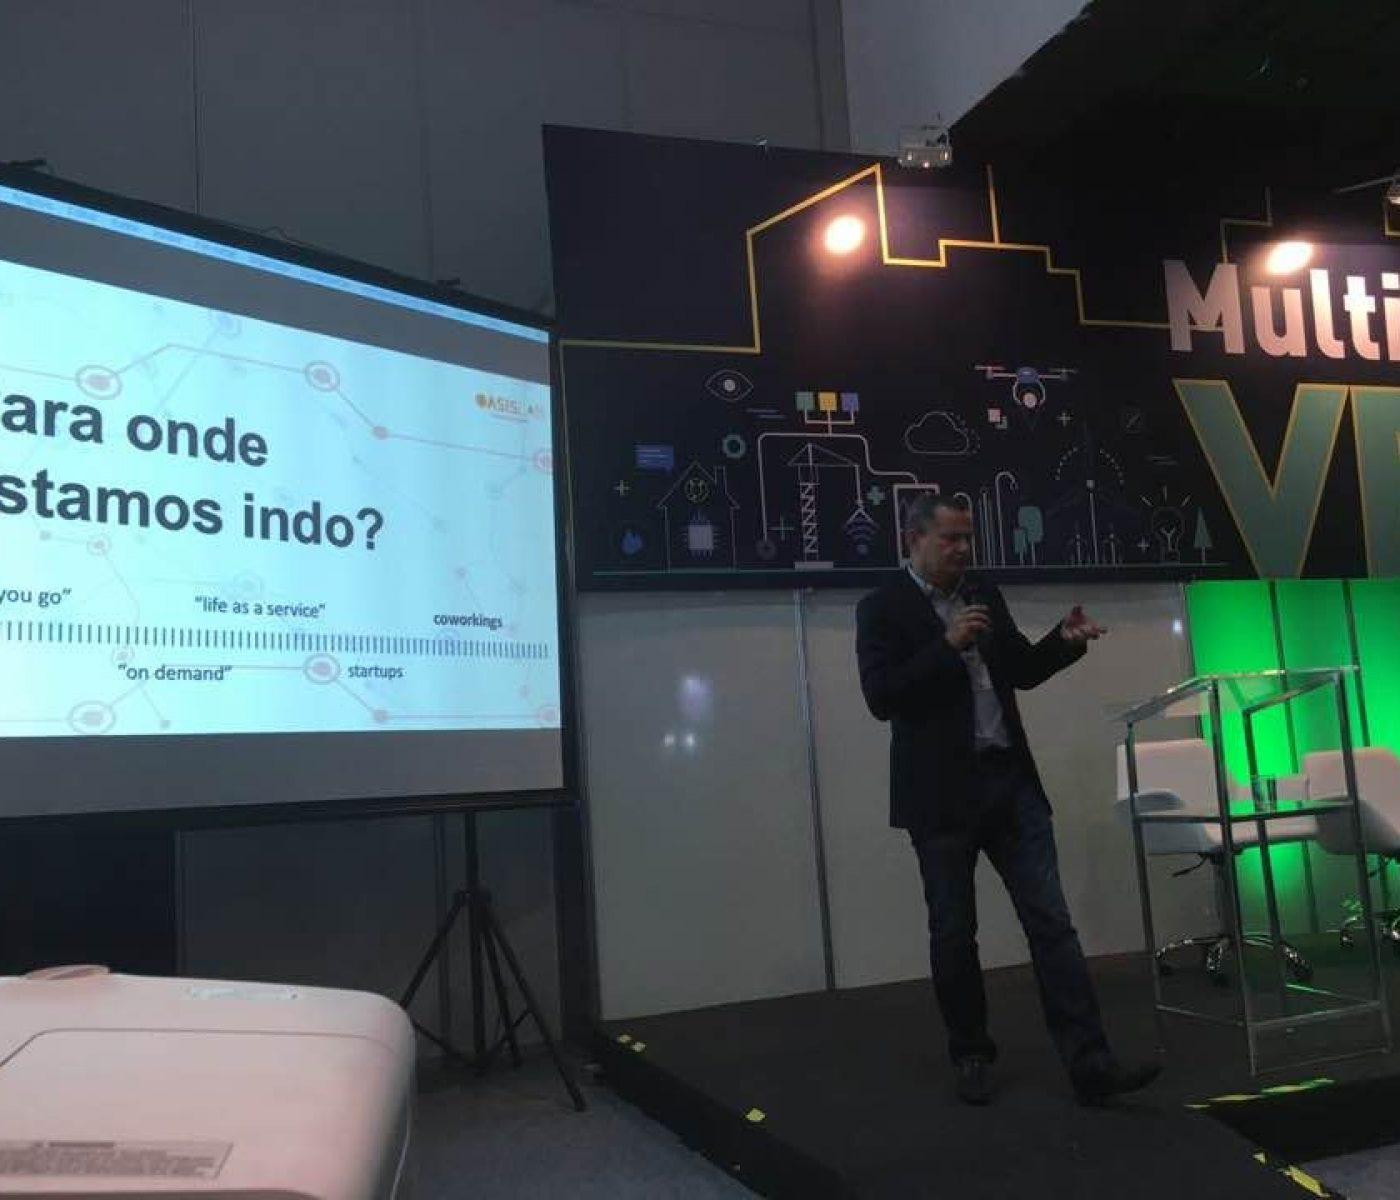 WORKSHOP LOJA 4.0 E CASES DAS STARTUPS DE IOT (INTERNET DAS COISAS) DO VAREJO BRASILEIRO – IOT LATIM AMERICA